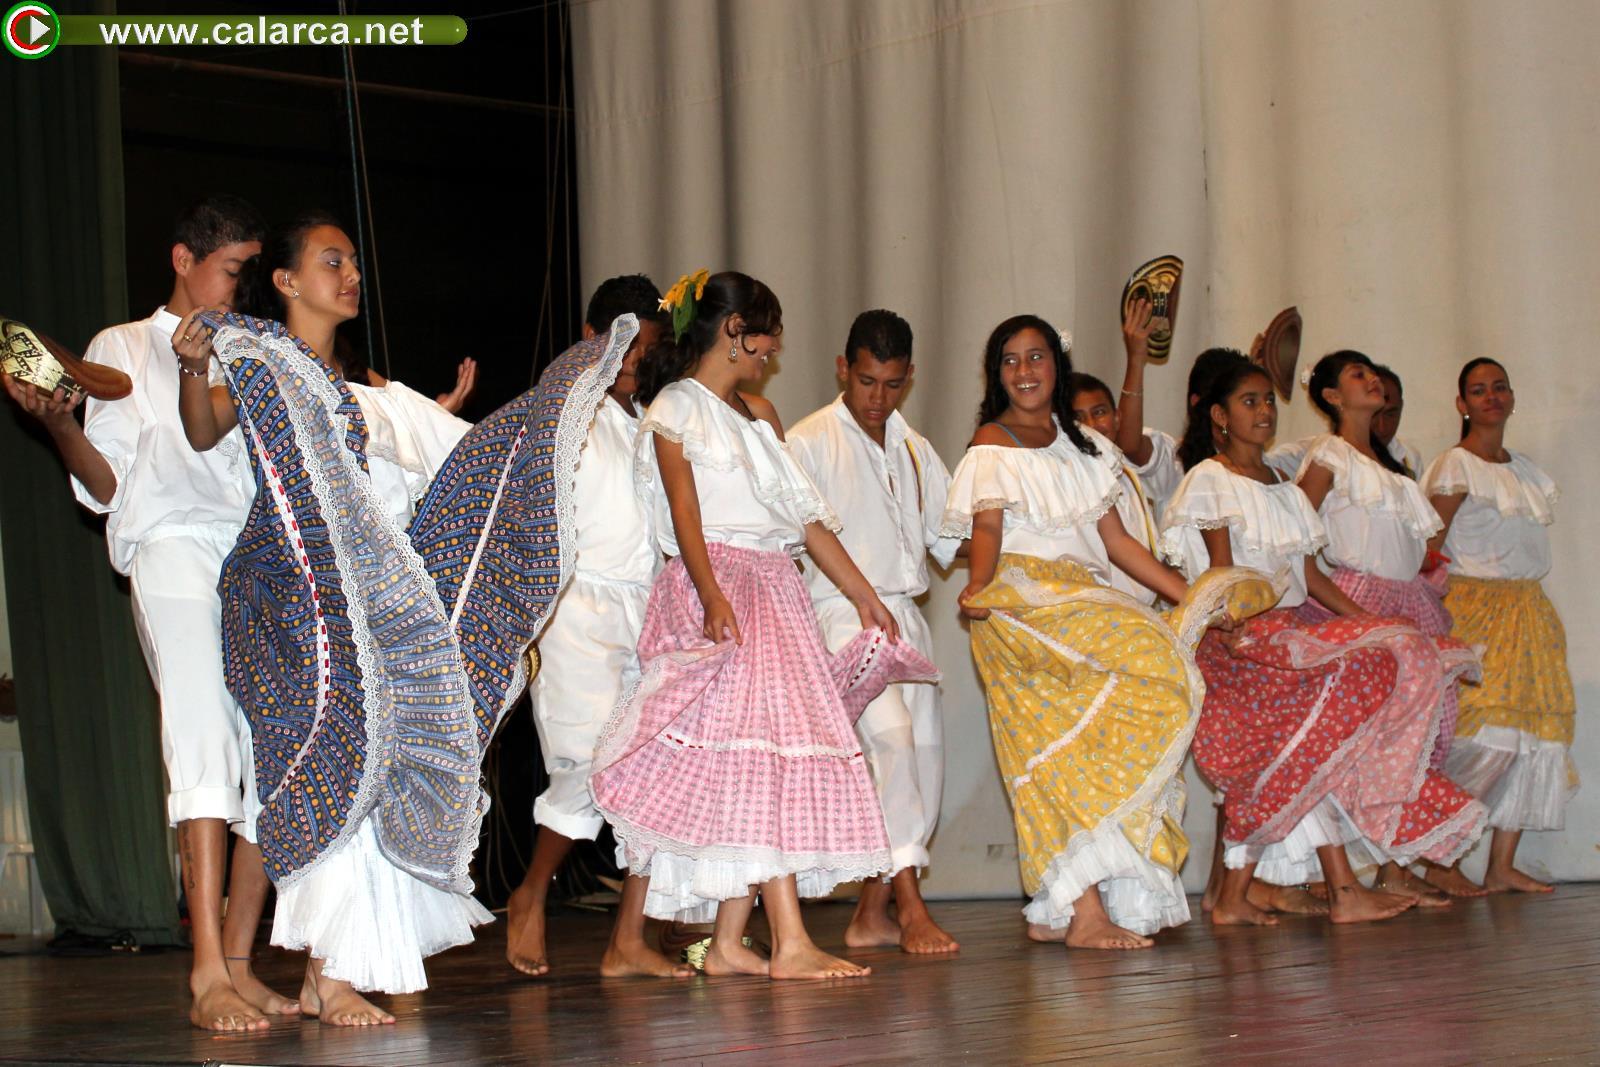 Danza folclórica - Segundo Henao